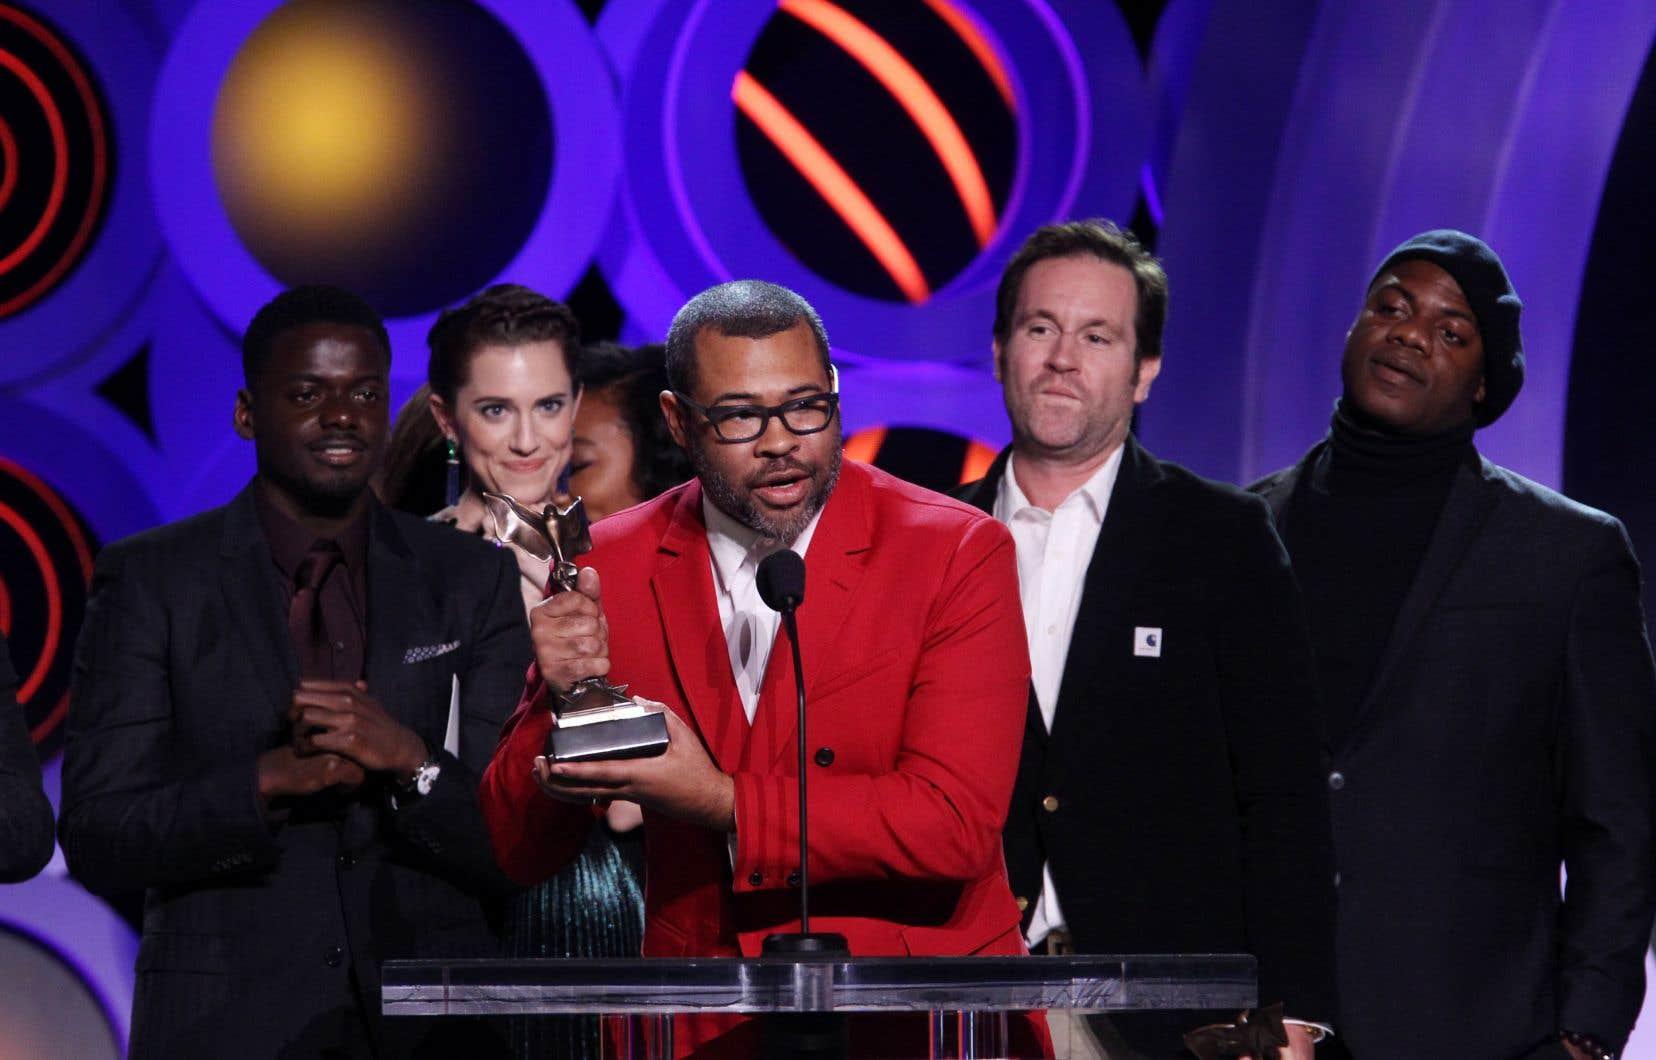 Le réalisateur du film «Get Out», Jordan Peele, est accompagné de la distribution de son drame d'horreur pour récupérer un prix à l'occasion des Spirit Awards.